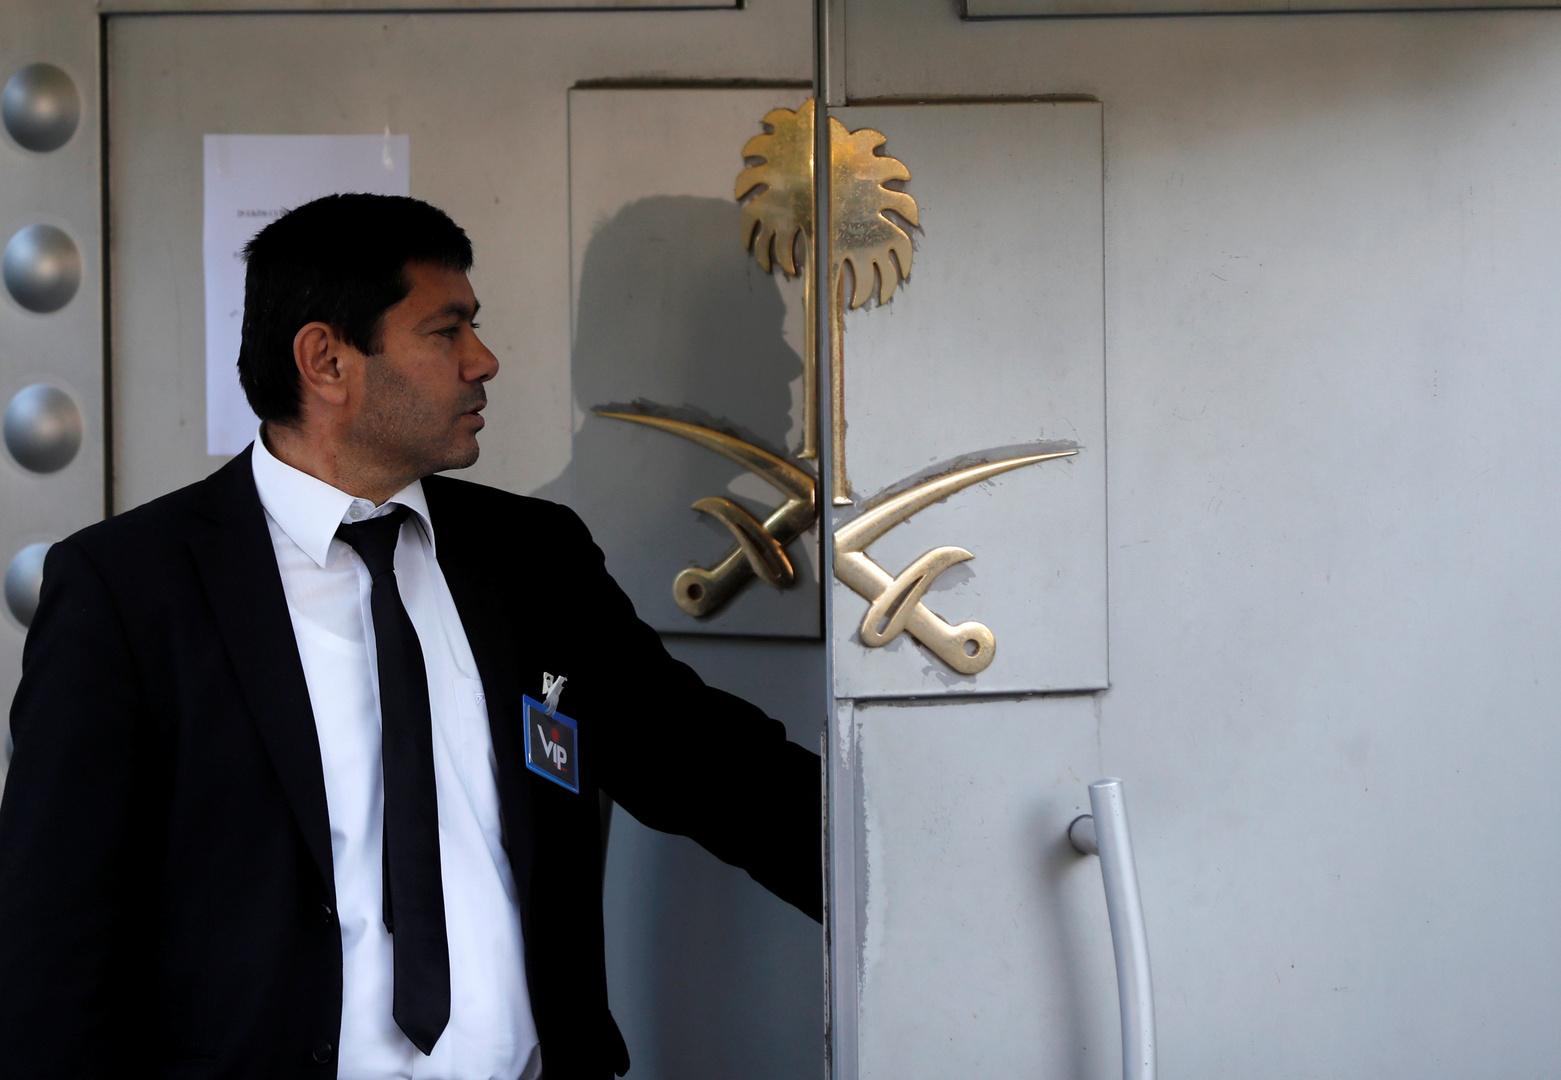 نيابة اسطنبول تصدر لائحة اتهام بحق 20 سعوديا في قضية مقتل خاشقجي